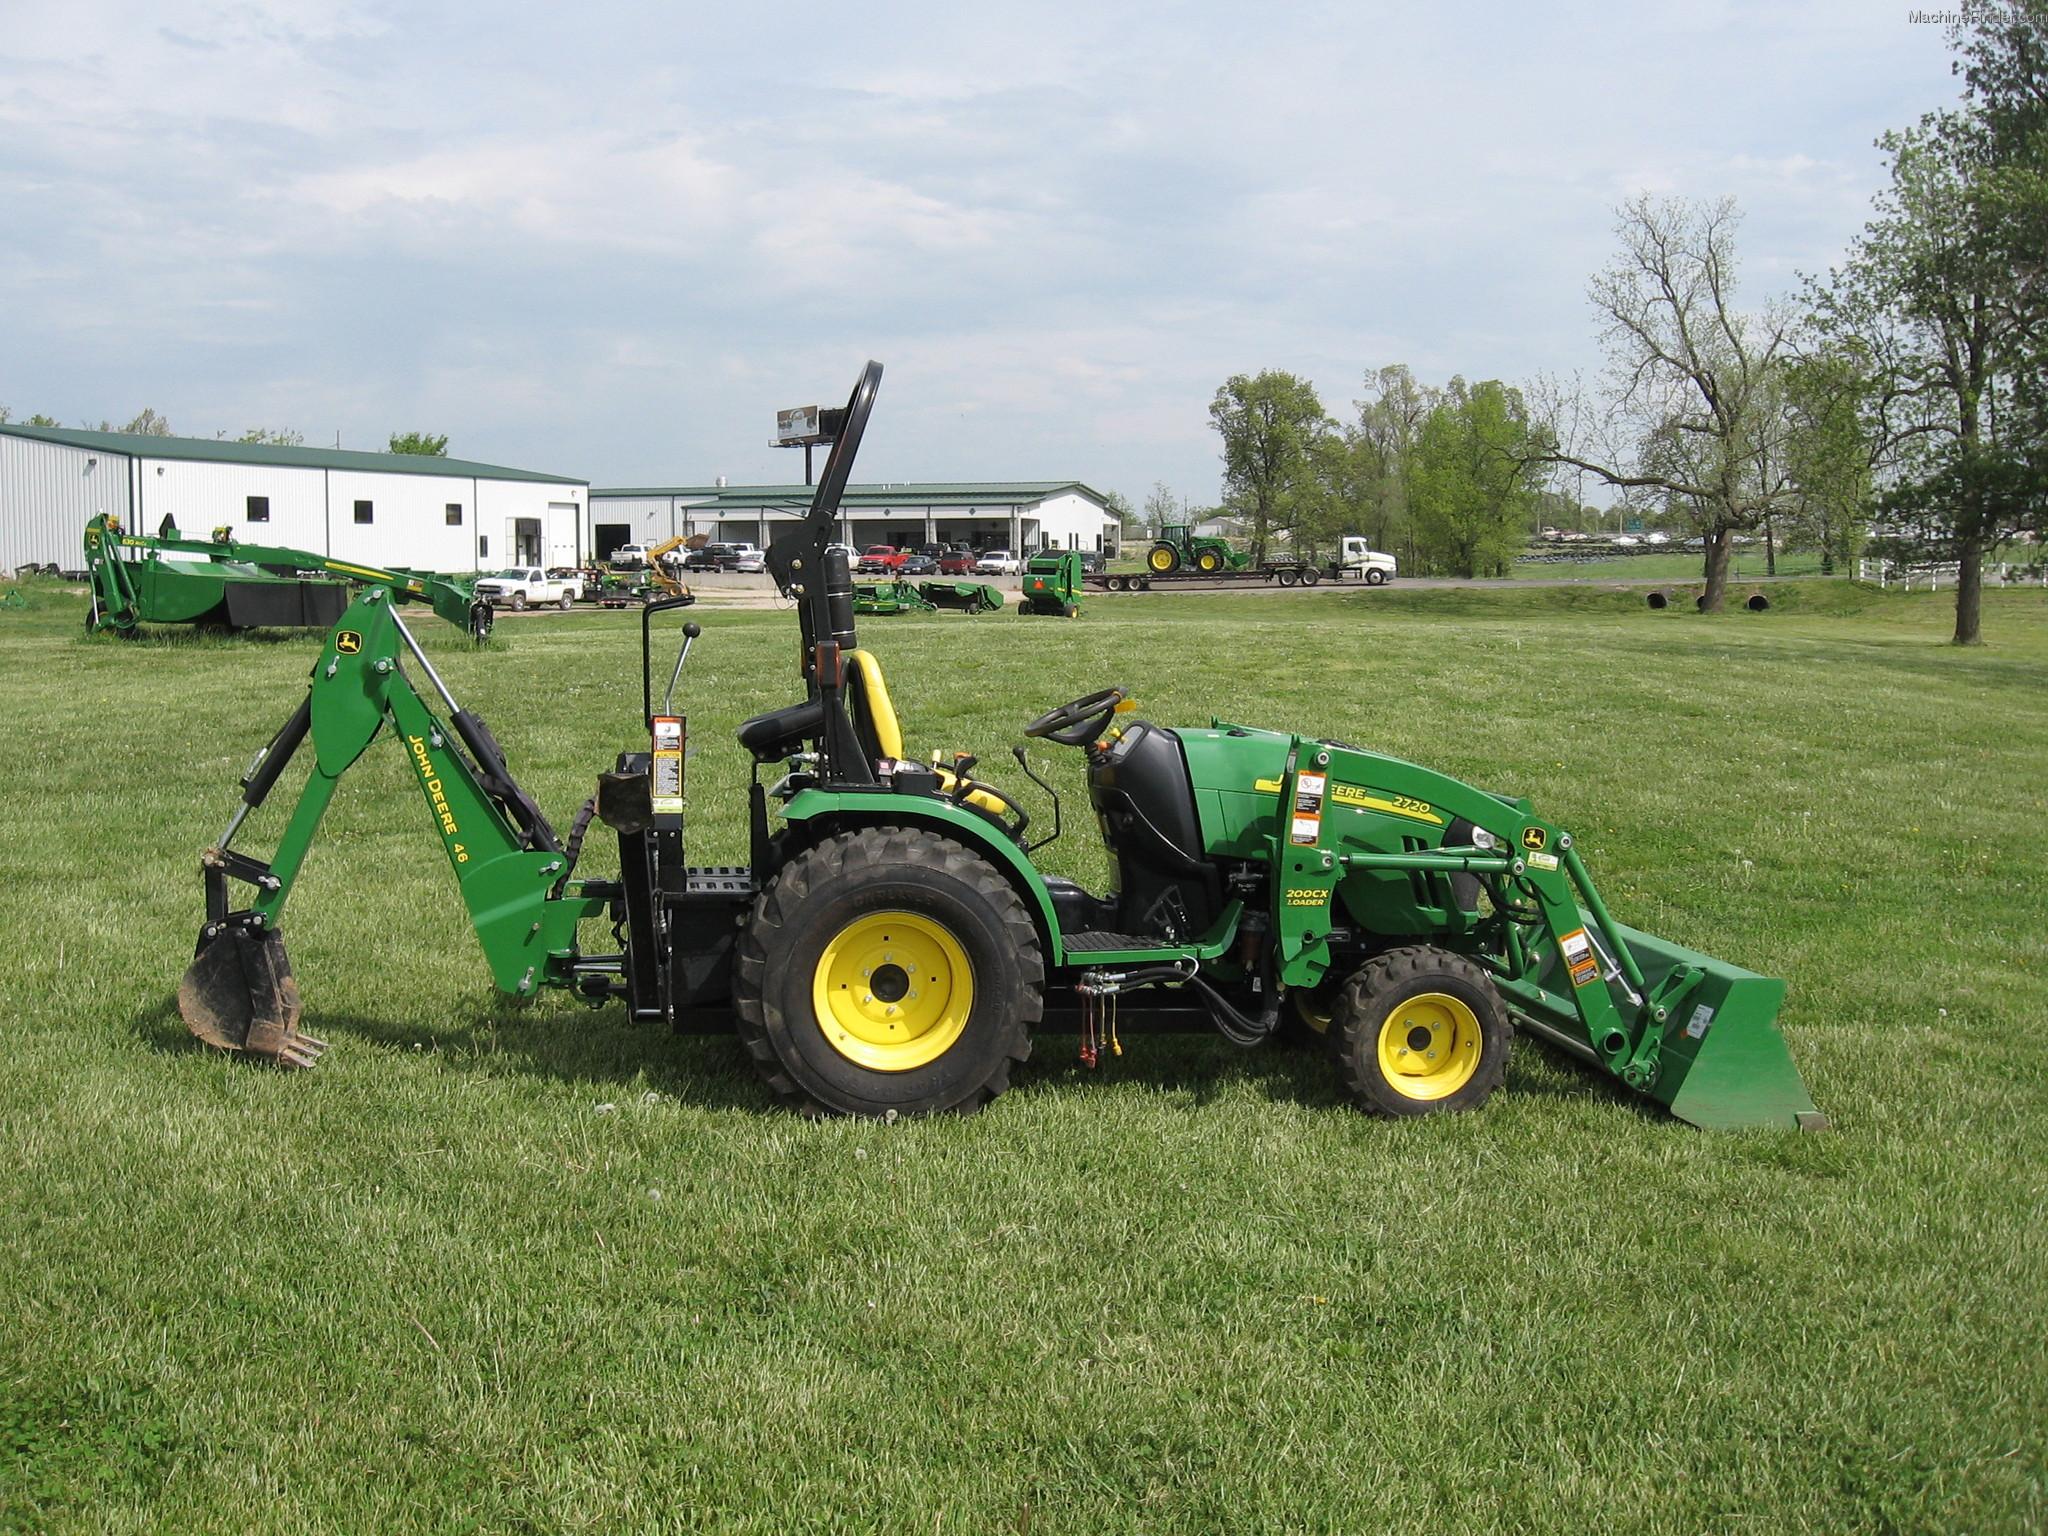 2012 John Deere 2720 CUT Tractors - Compact (1-40hp ...